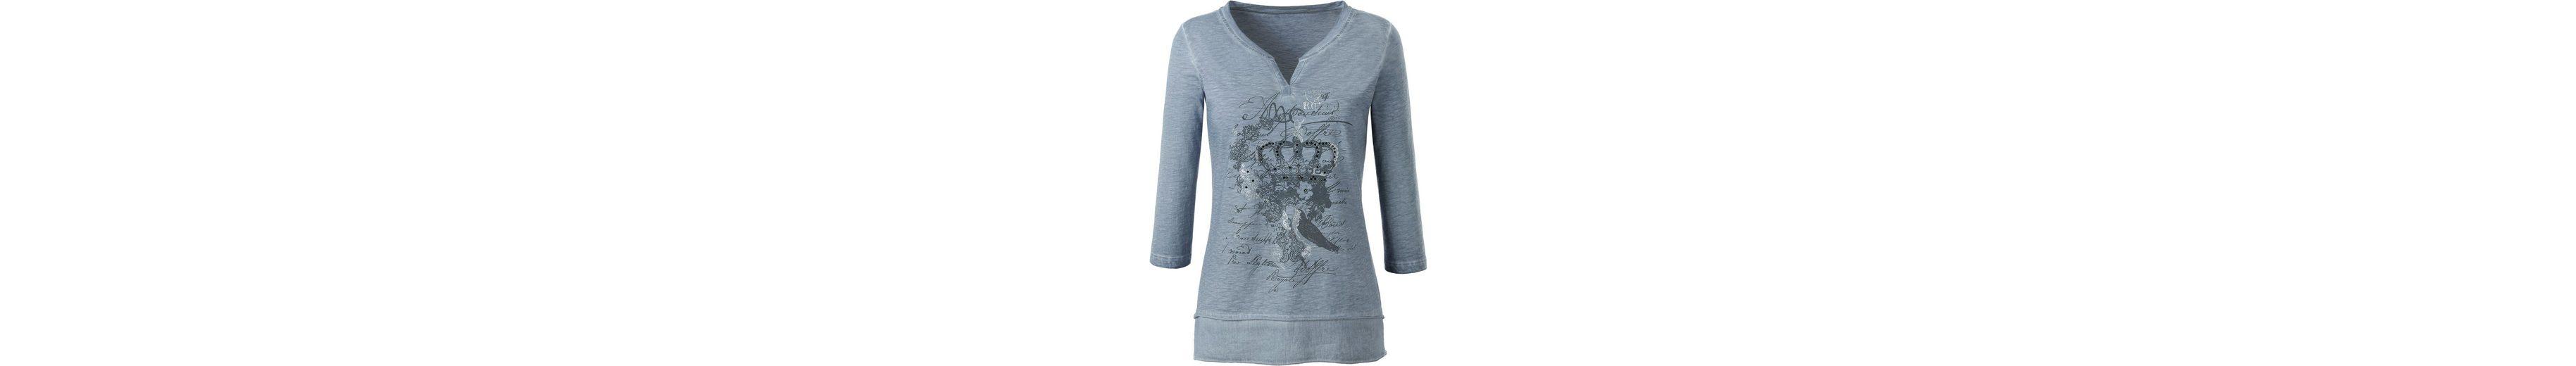 Günstig Kaufen Fabrikverkauf Classic Inspirationen Shirt aus reiner Baumwolle Rabatt Mit Kreditkarte Kaufen Online-Verkauf Kostengünstig Rabatt Neuesten Kollektionen geawZ7